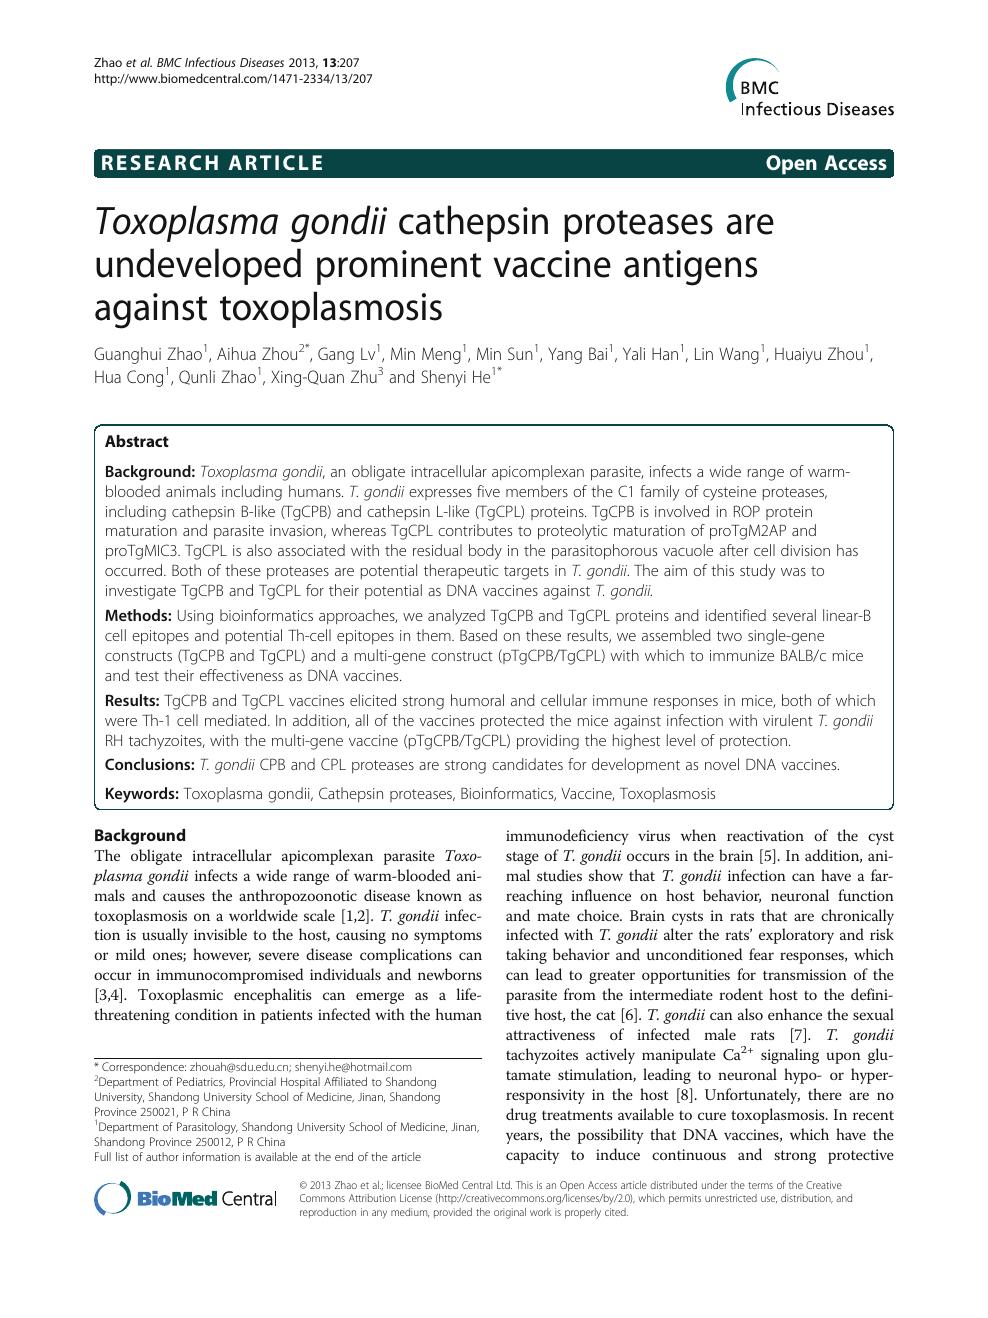 Toxoplasmoza - simptome si tratament